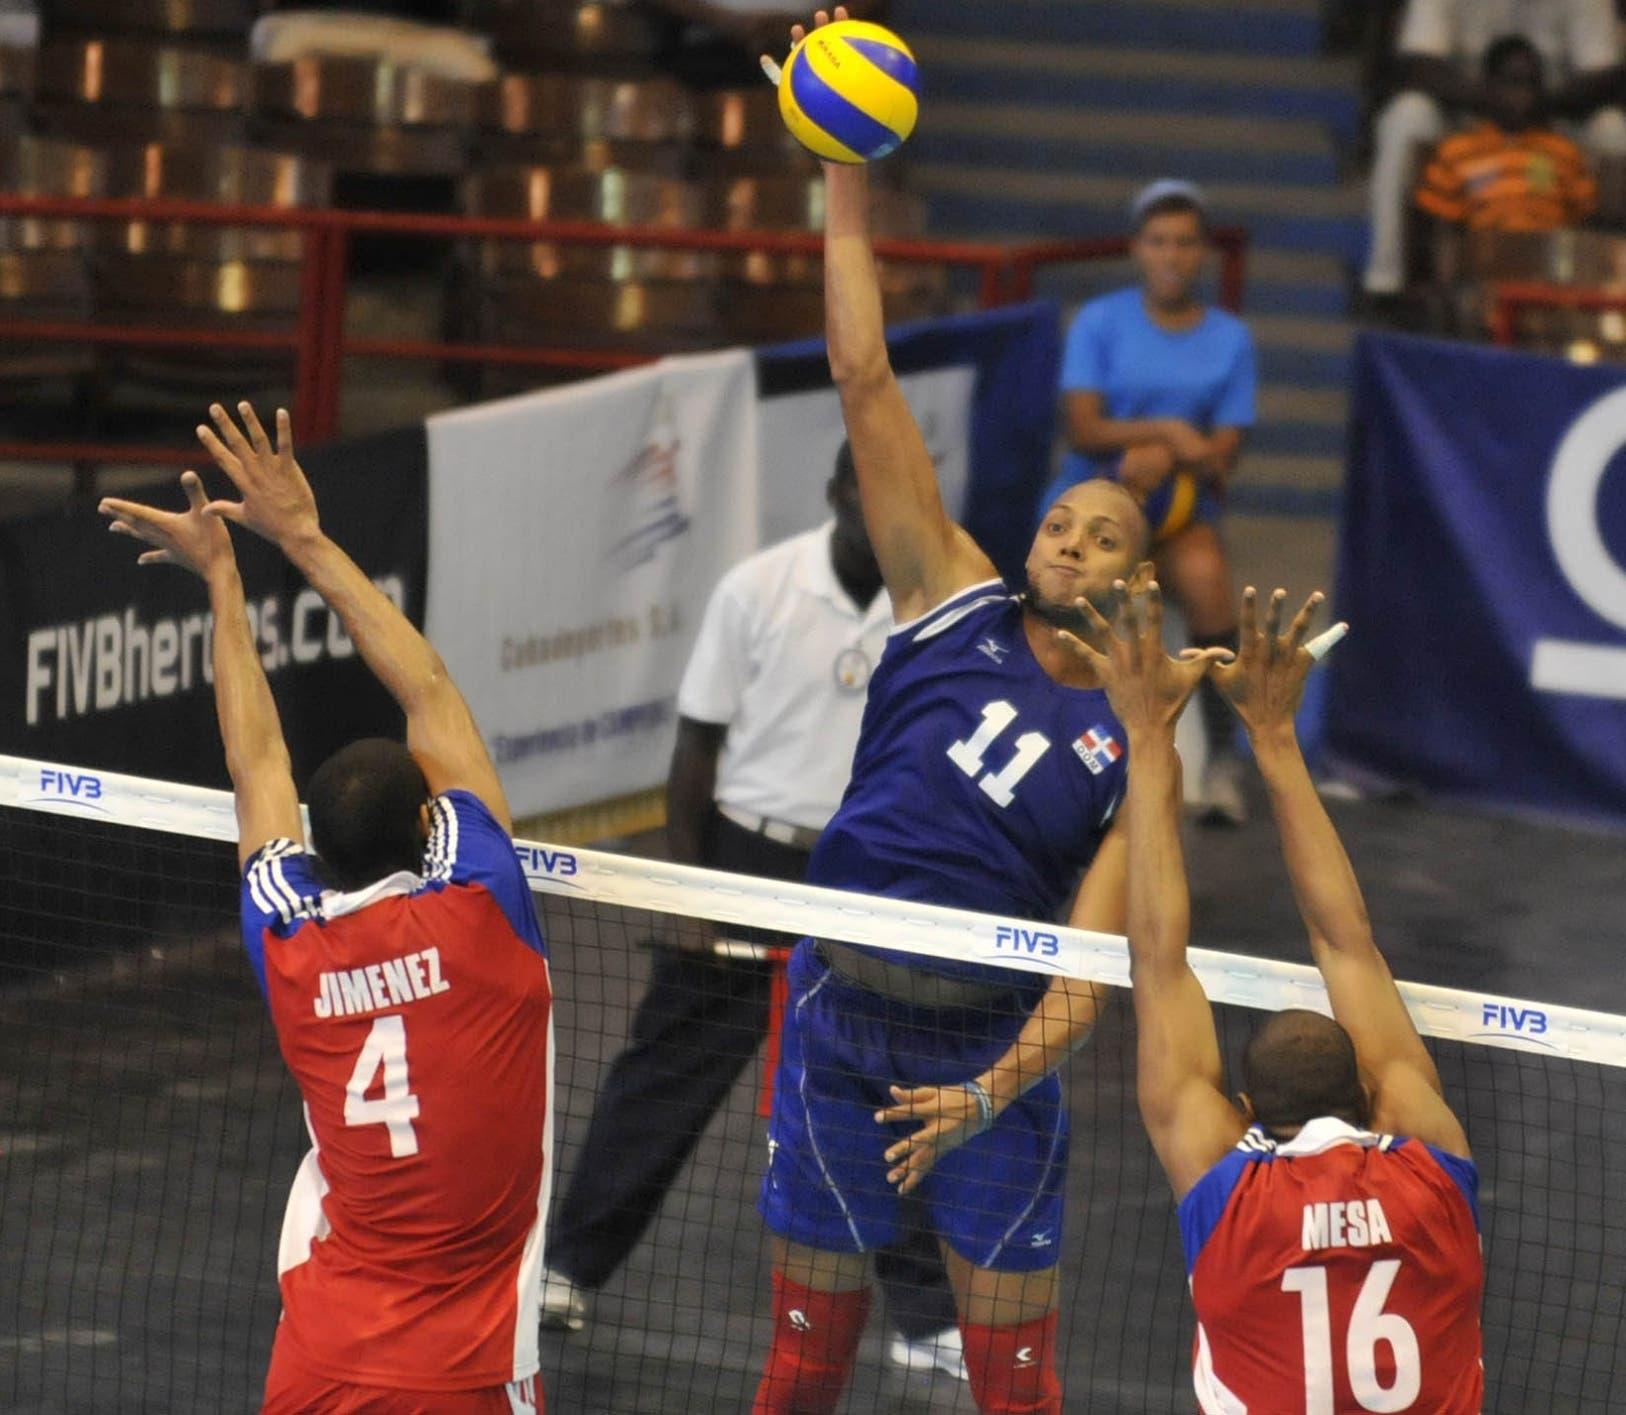 José Cáceres, uno de los principales jugadores dominicanos, realiza un remate en un partido de voleibol.